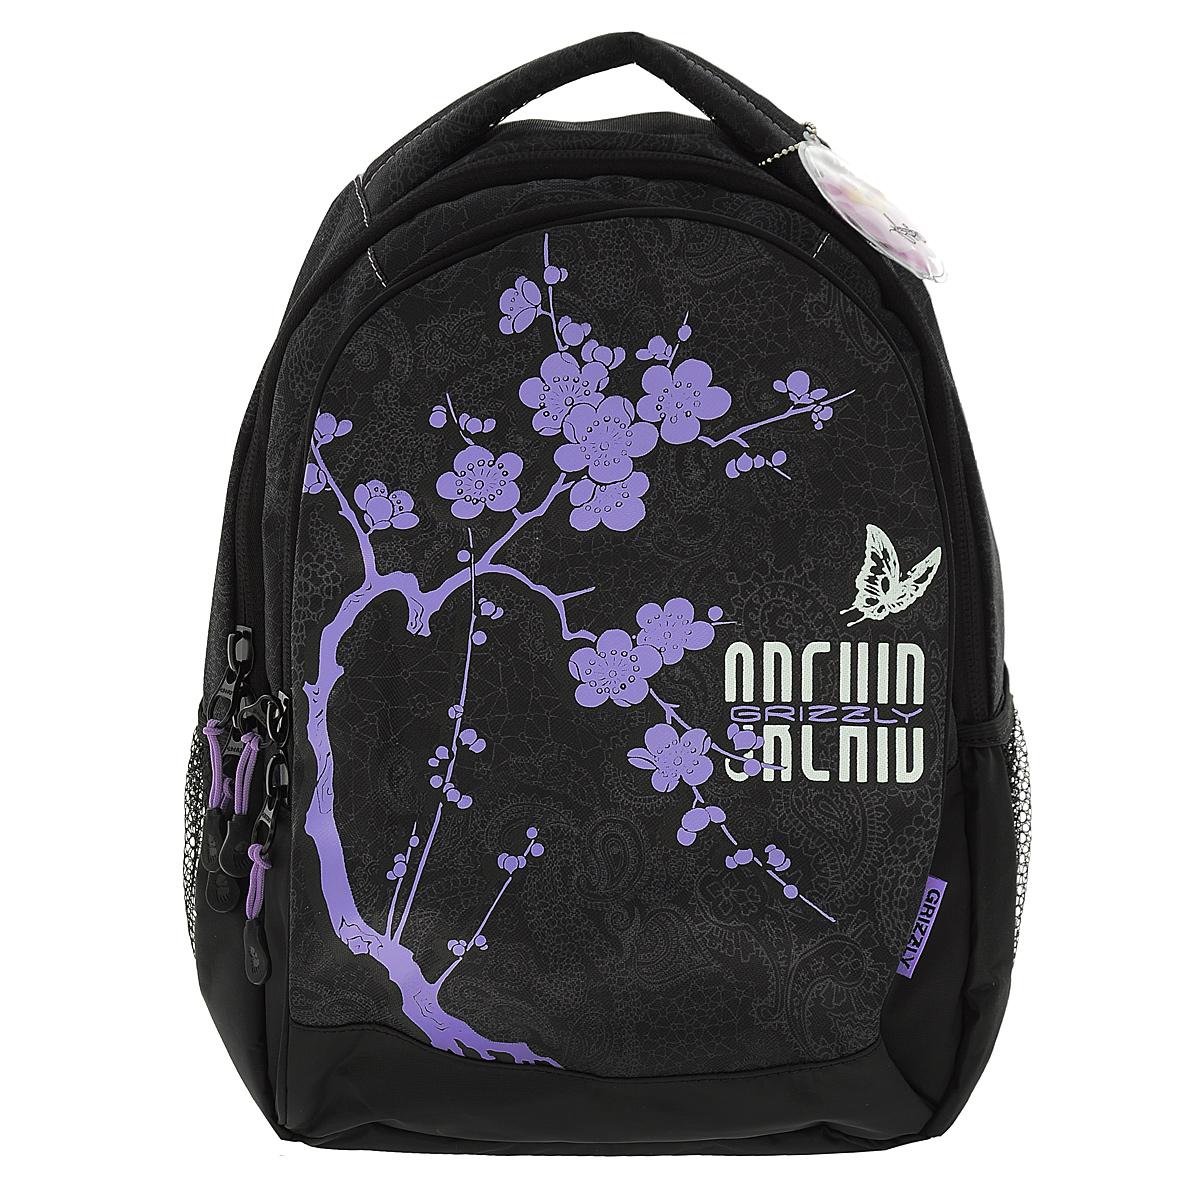 Рюкзак городской Grizzly, цвет: черный, сиреневый, 20 л. RD-659-1/1